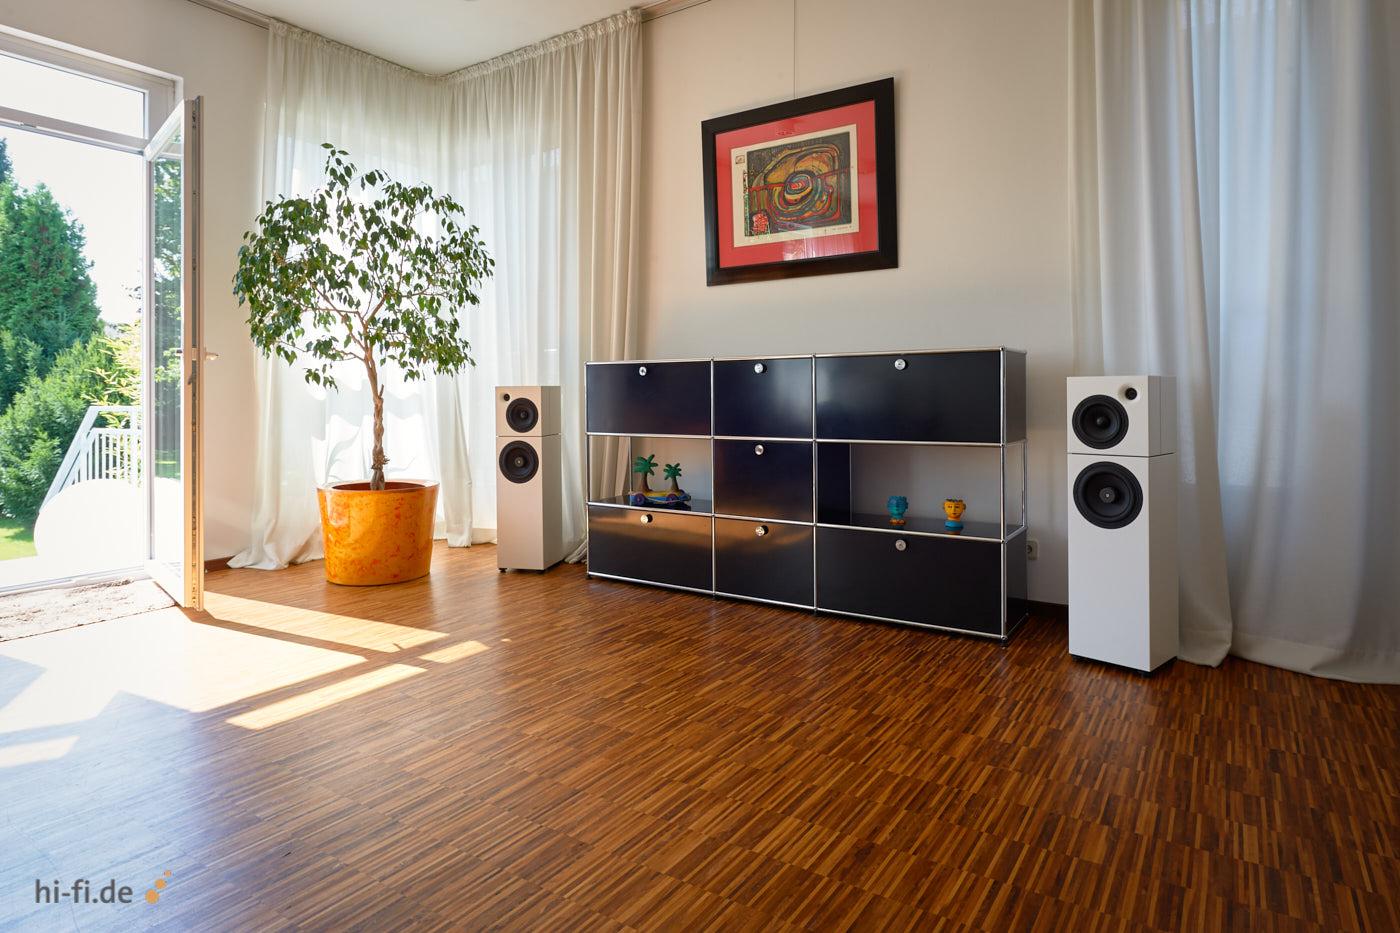 Sehring Audio 804 - S 804 Studio